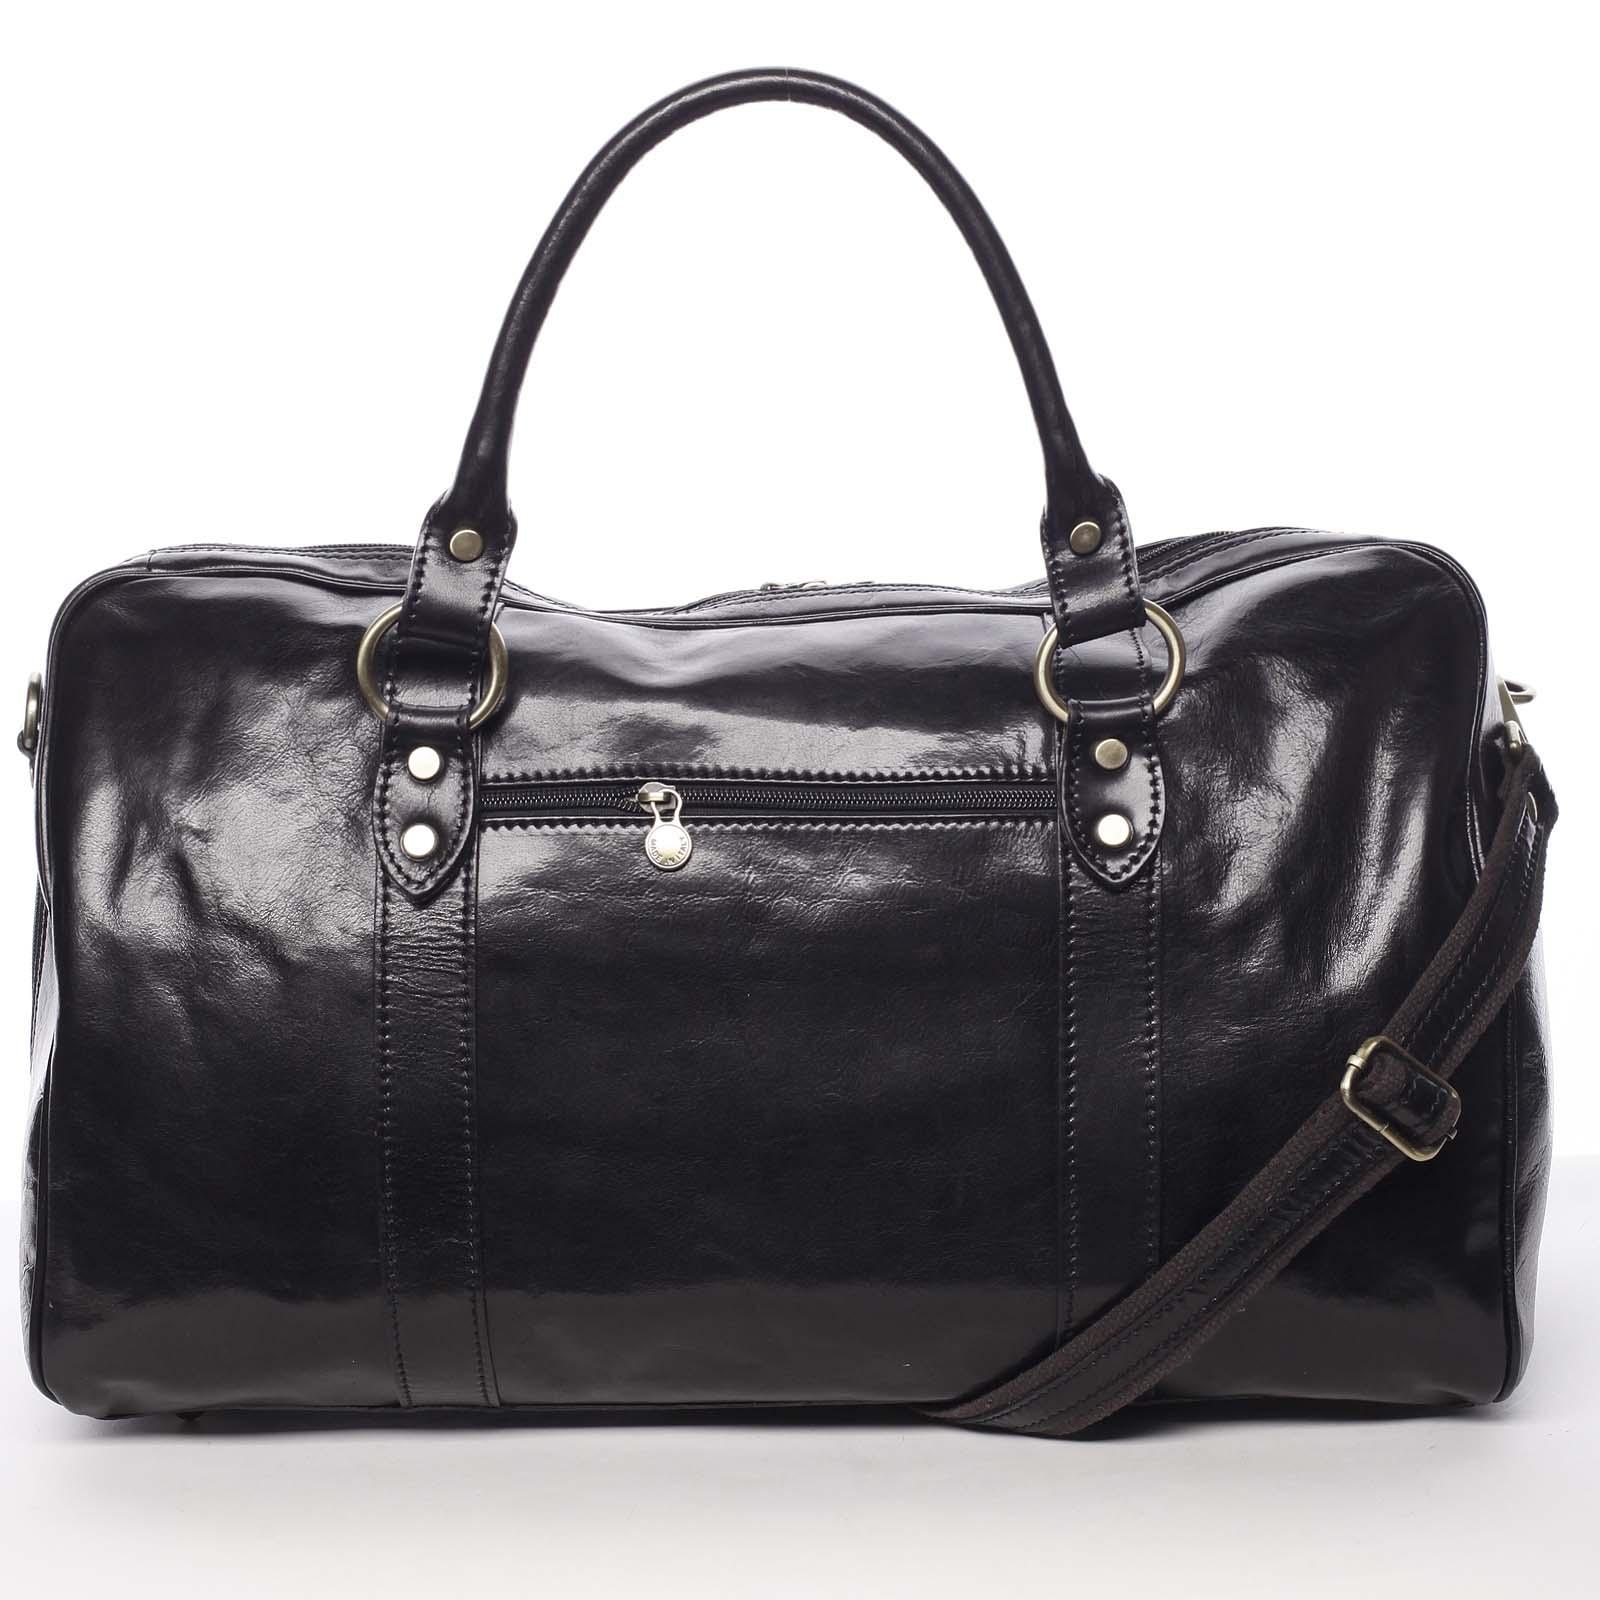 Velká cestovní kožená taška černá - ItalY Equado